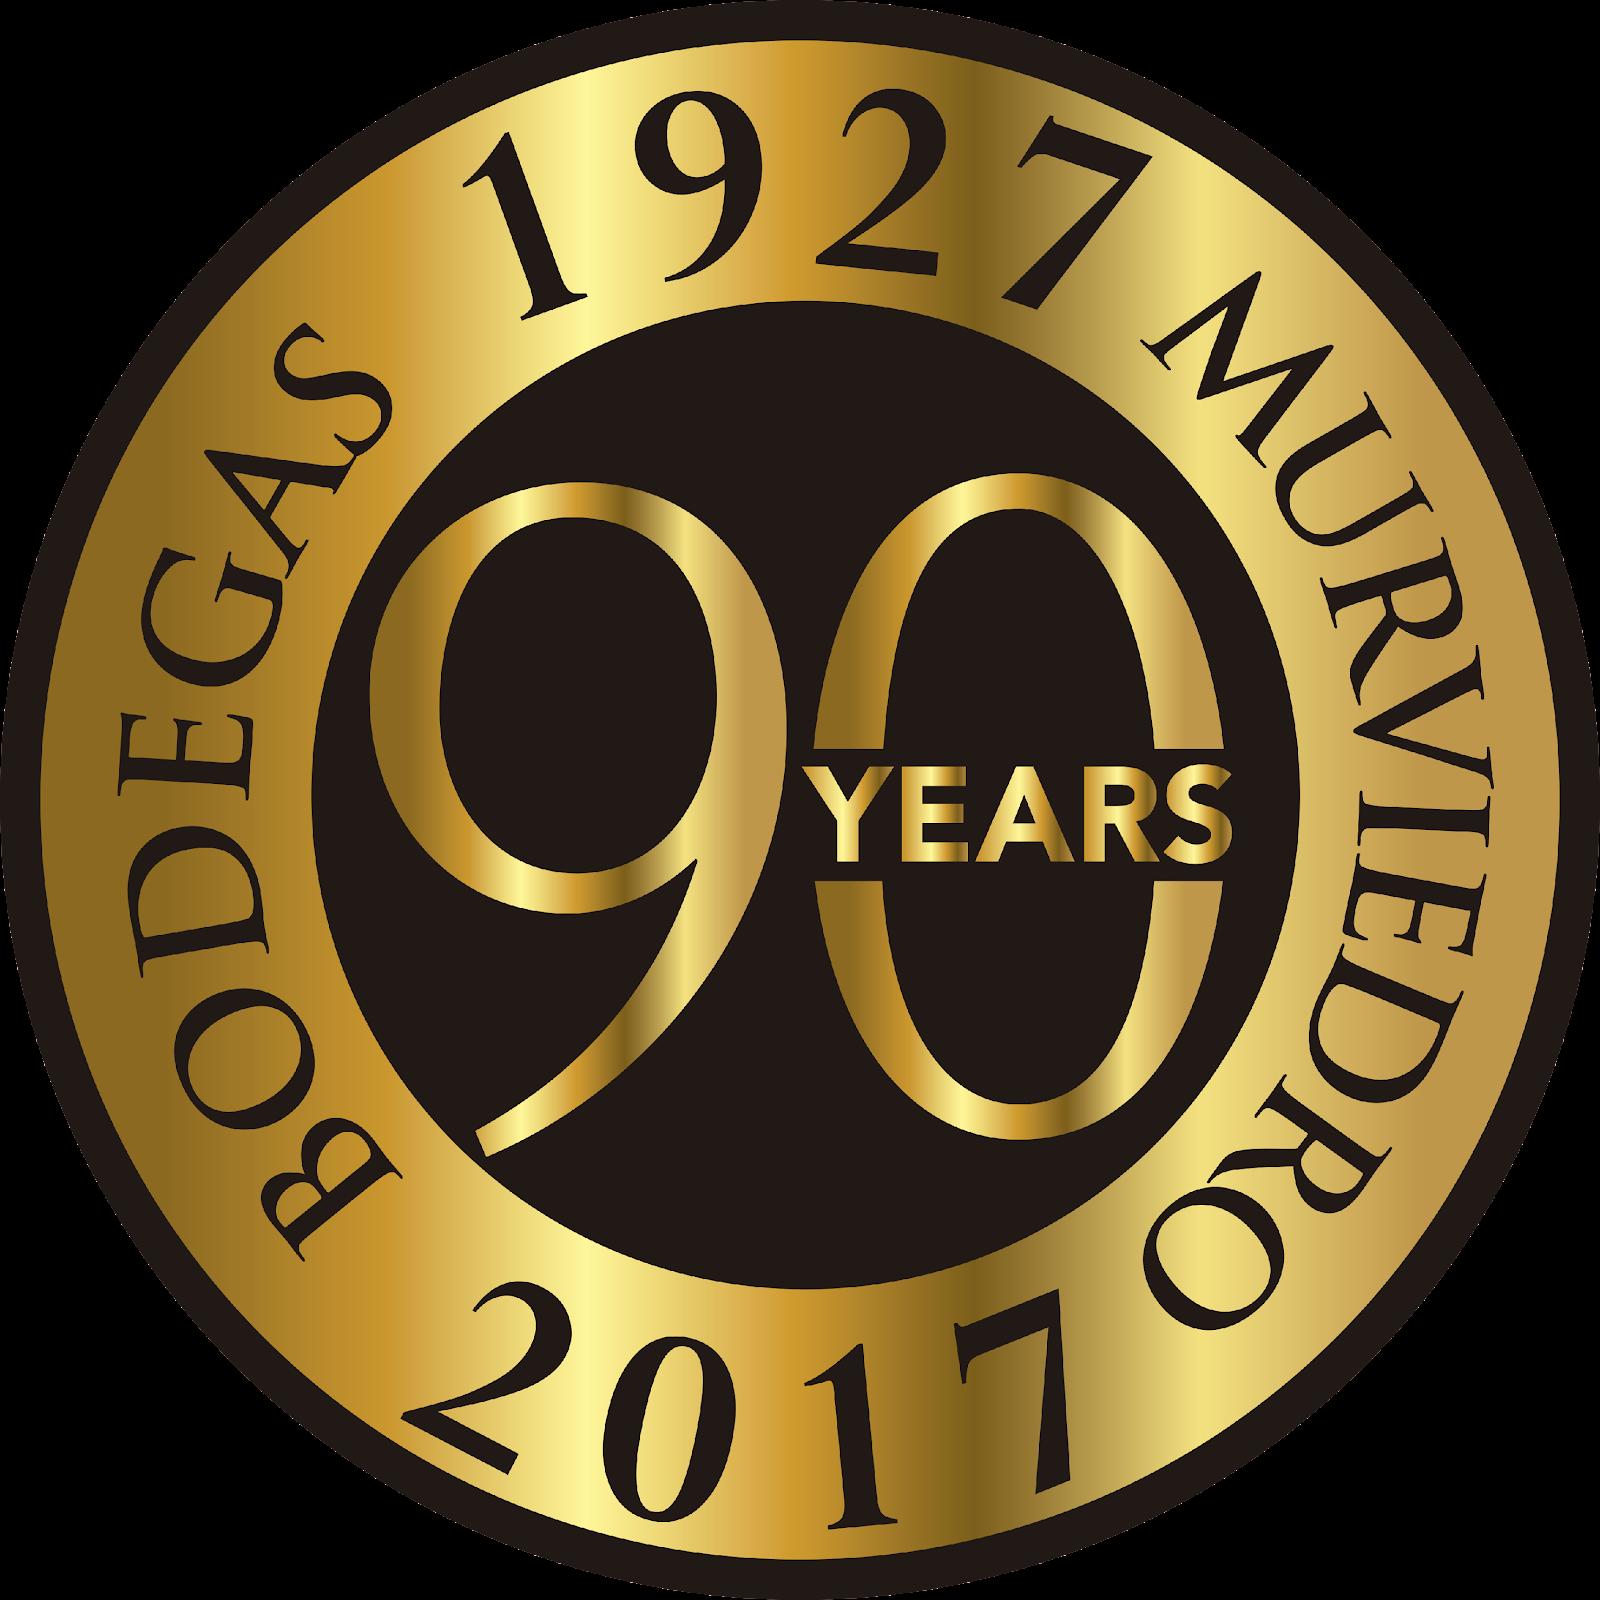 Z:\ALMUDENA\trabajo\MURVIEDRO\año 2017\logo\90 años oro.png